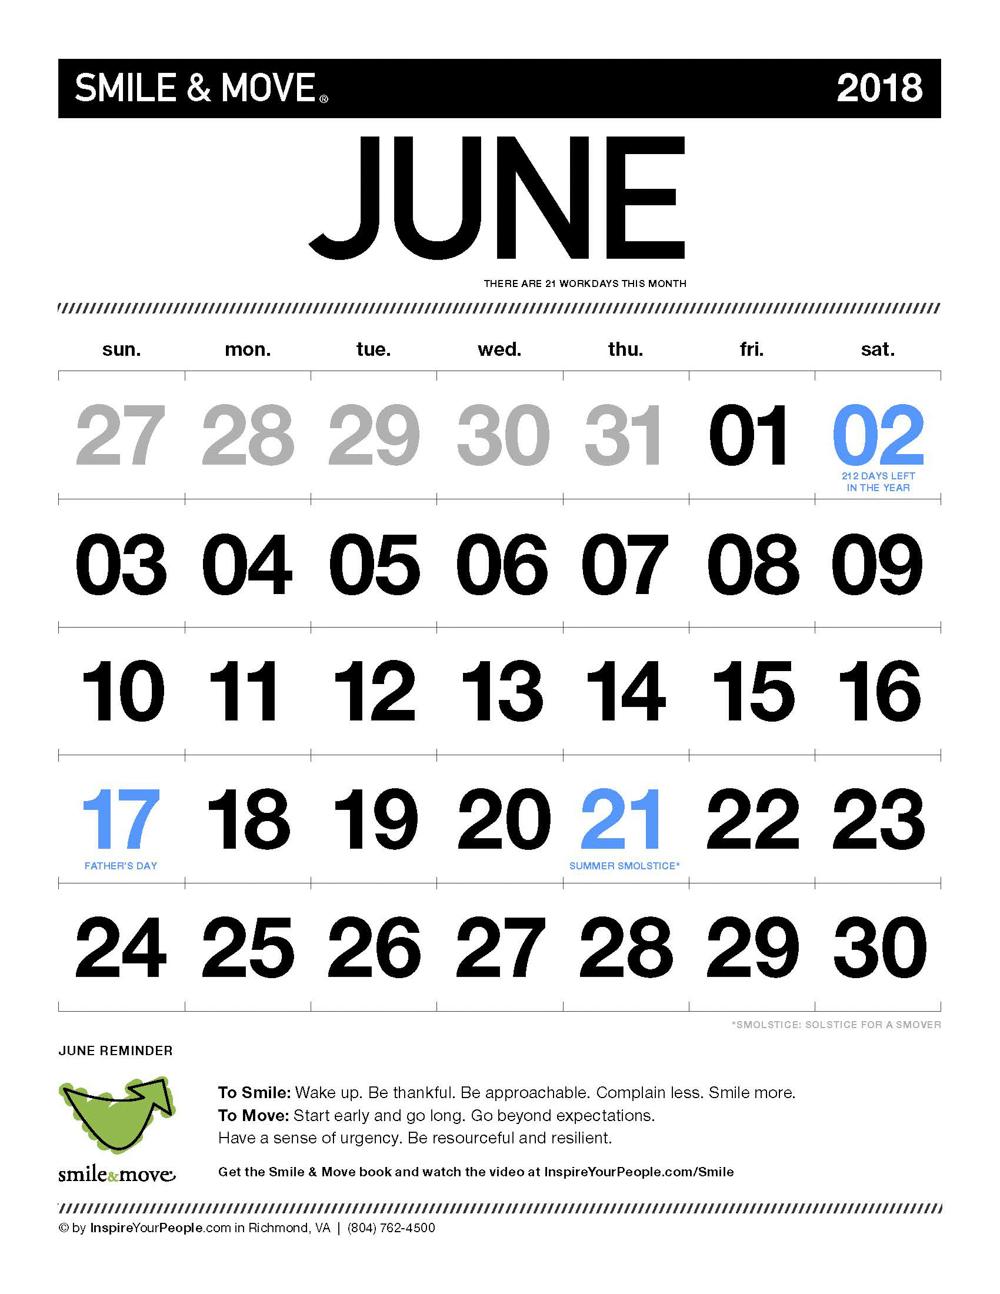 InspireYourPeople.com Monthly Calendar June 2018